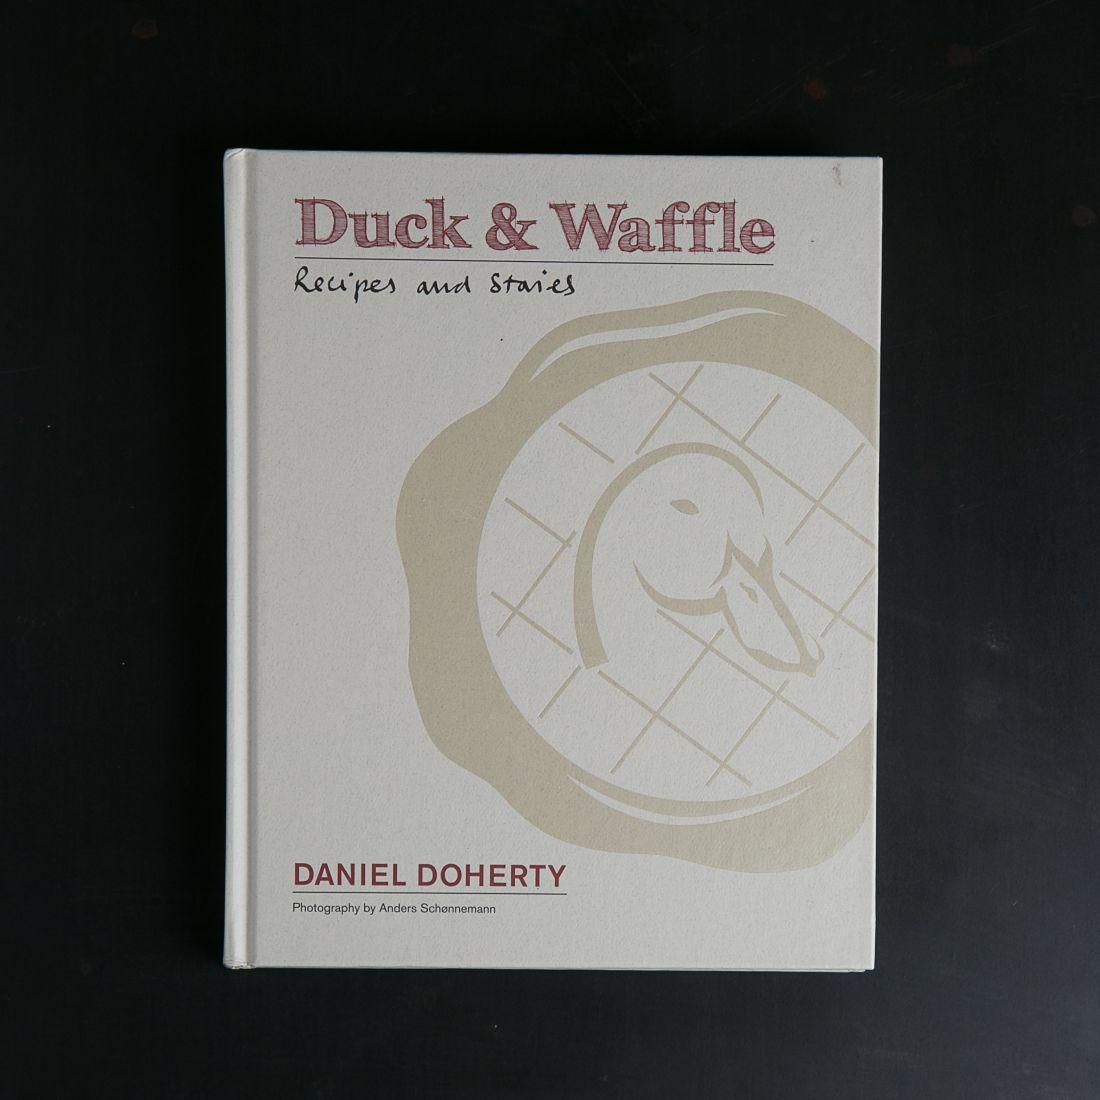 הספר Duck & Waffle של דניאל דוהרטי